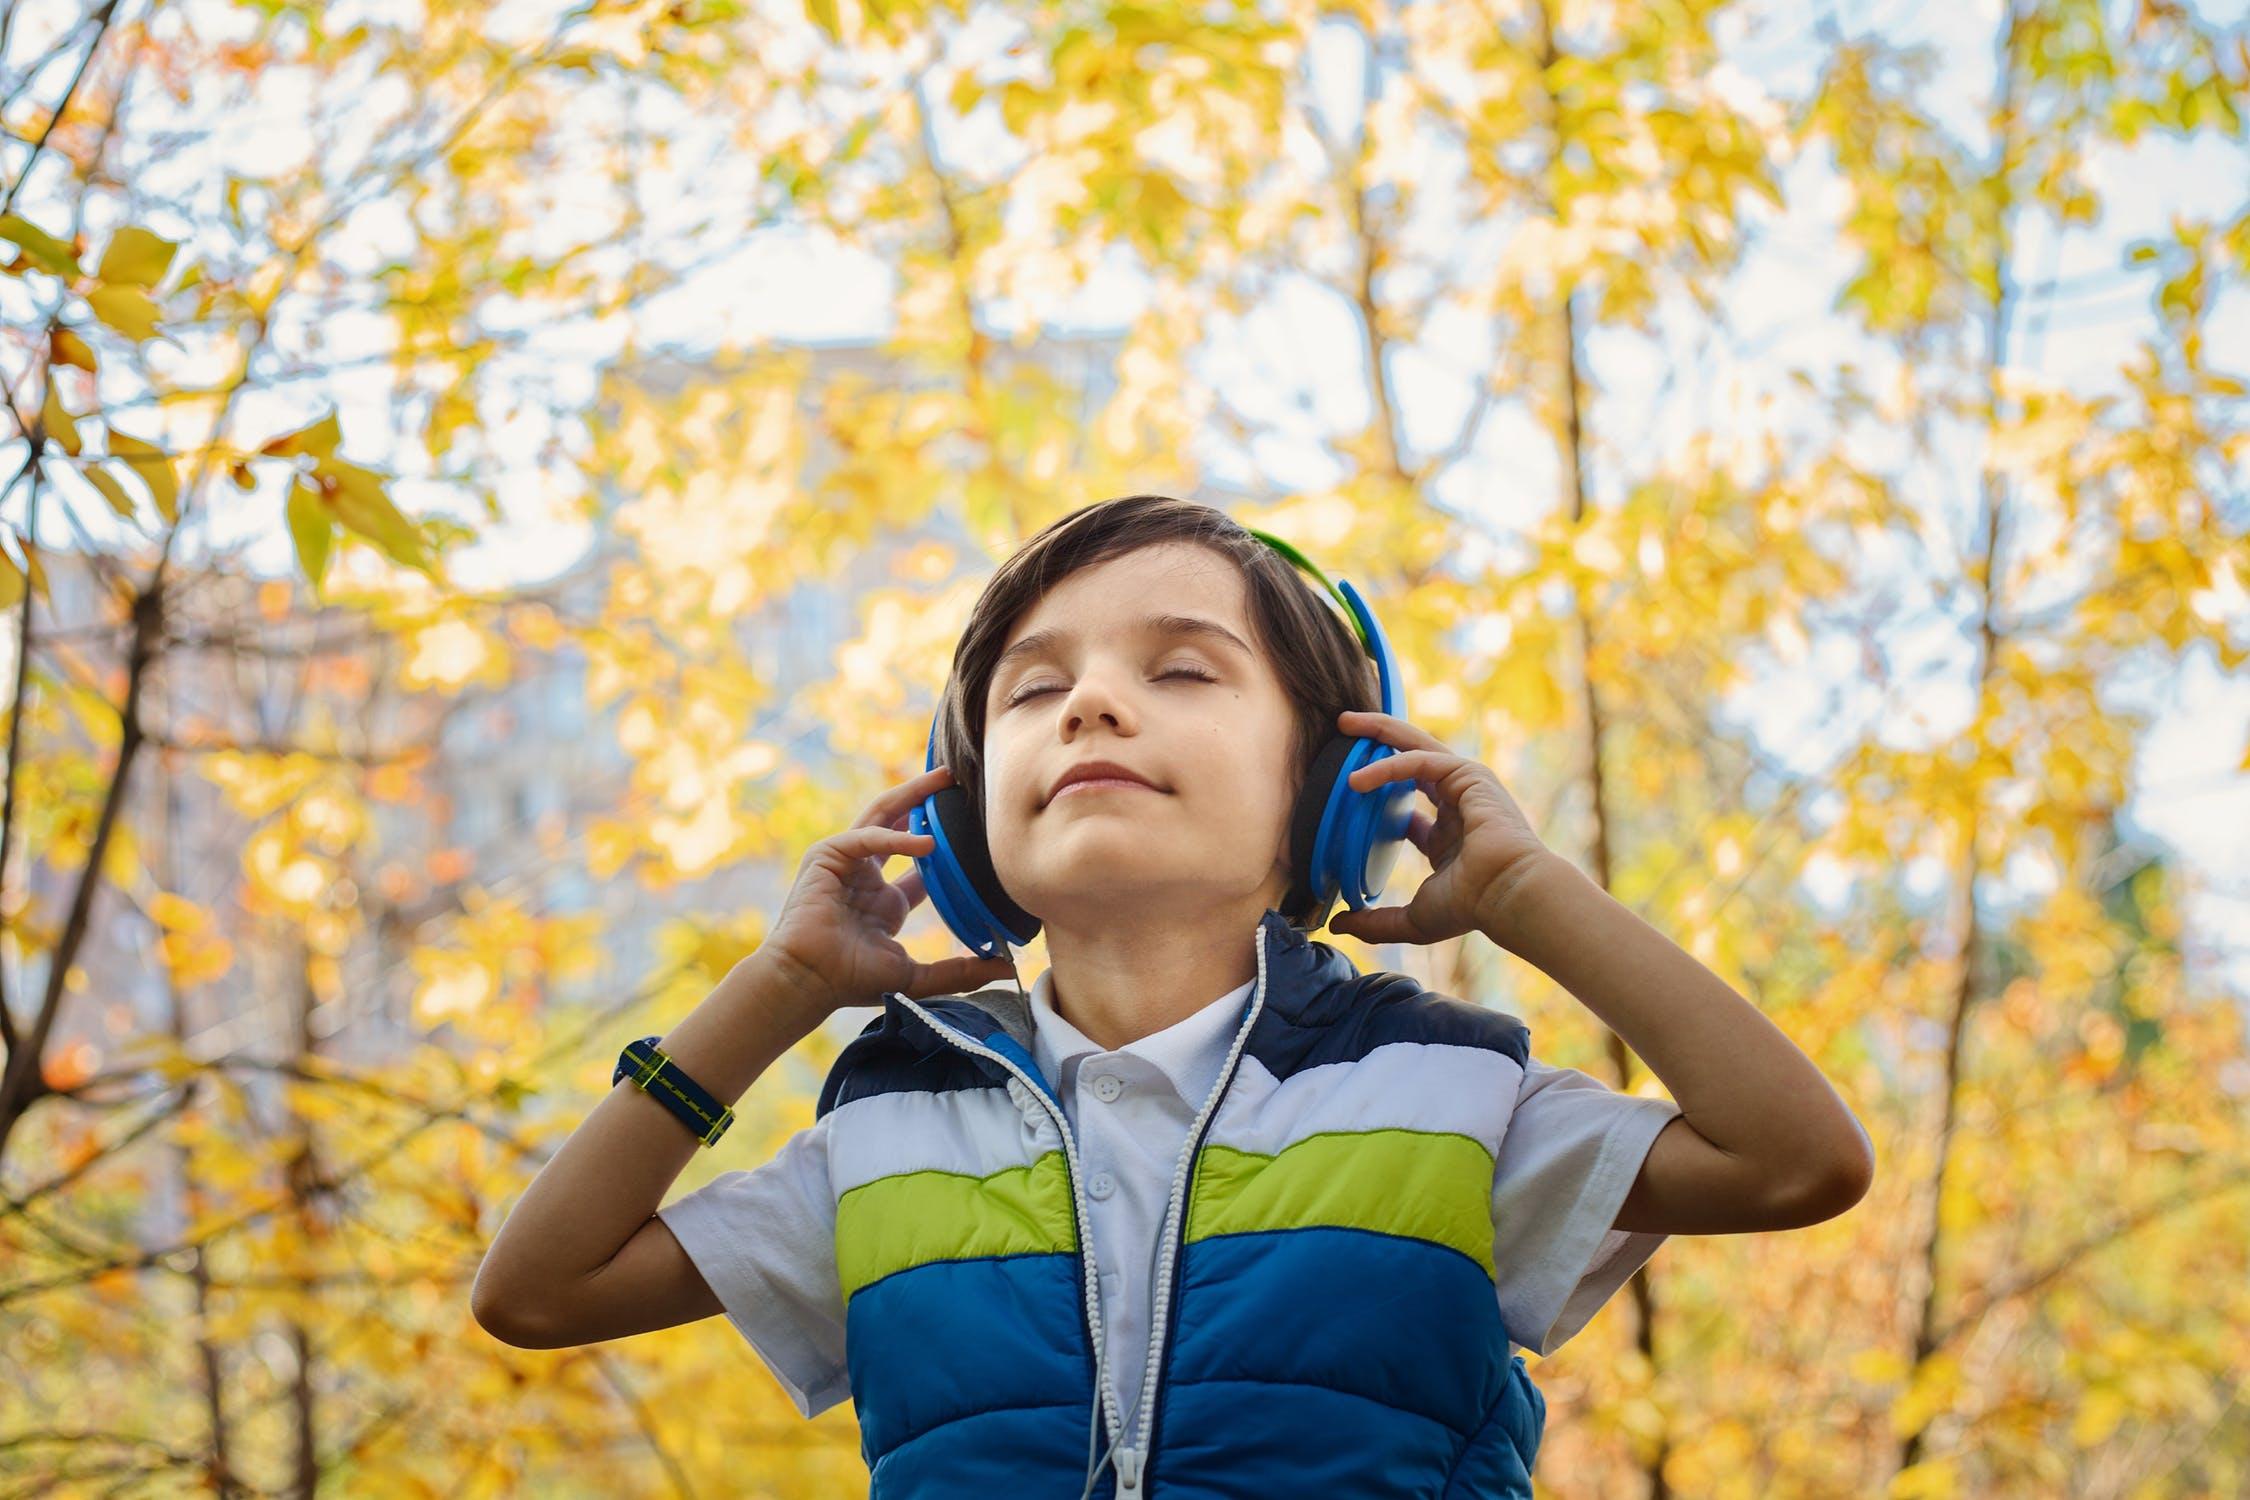 451d62d3de Inquinamento acustico. Come proteggere i nostri bimbi ...